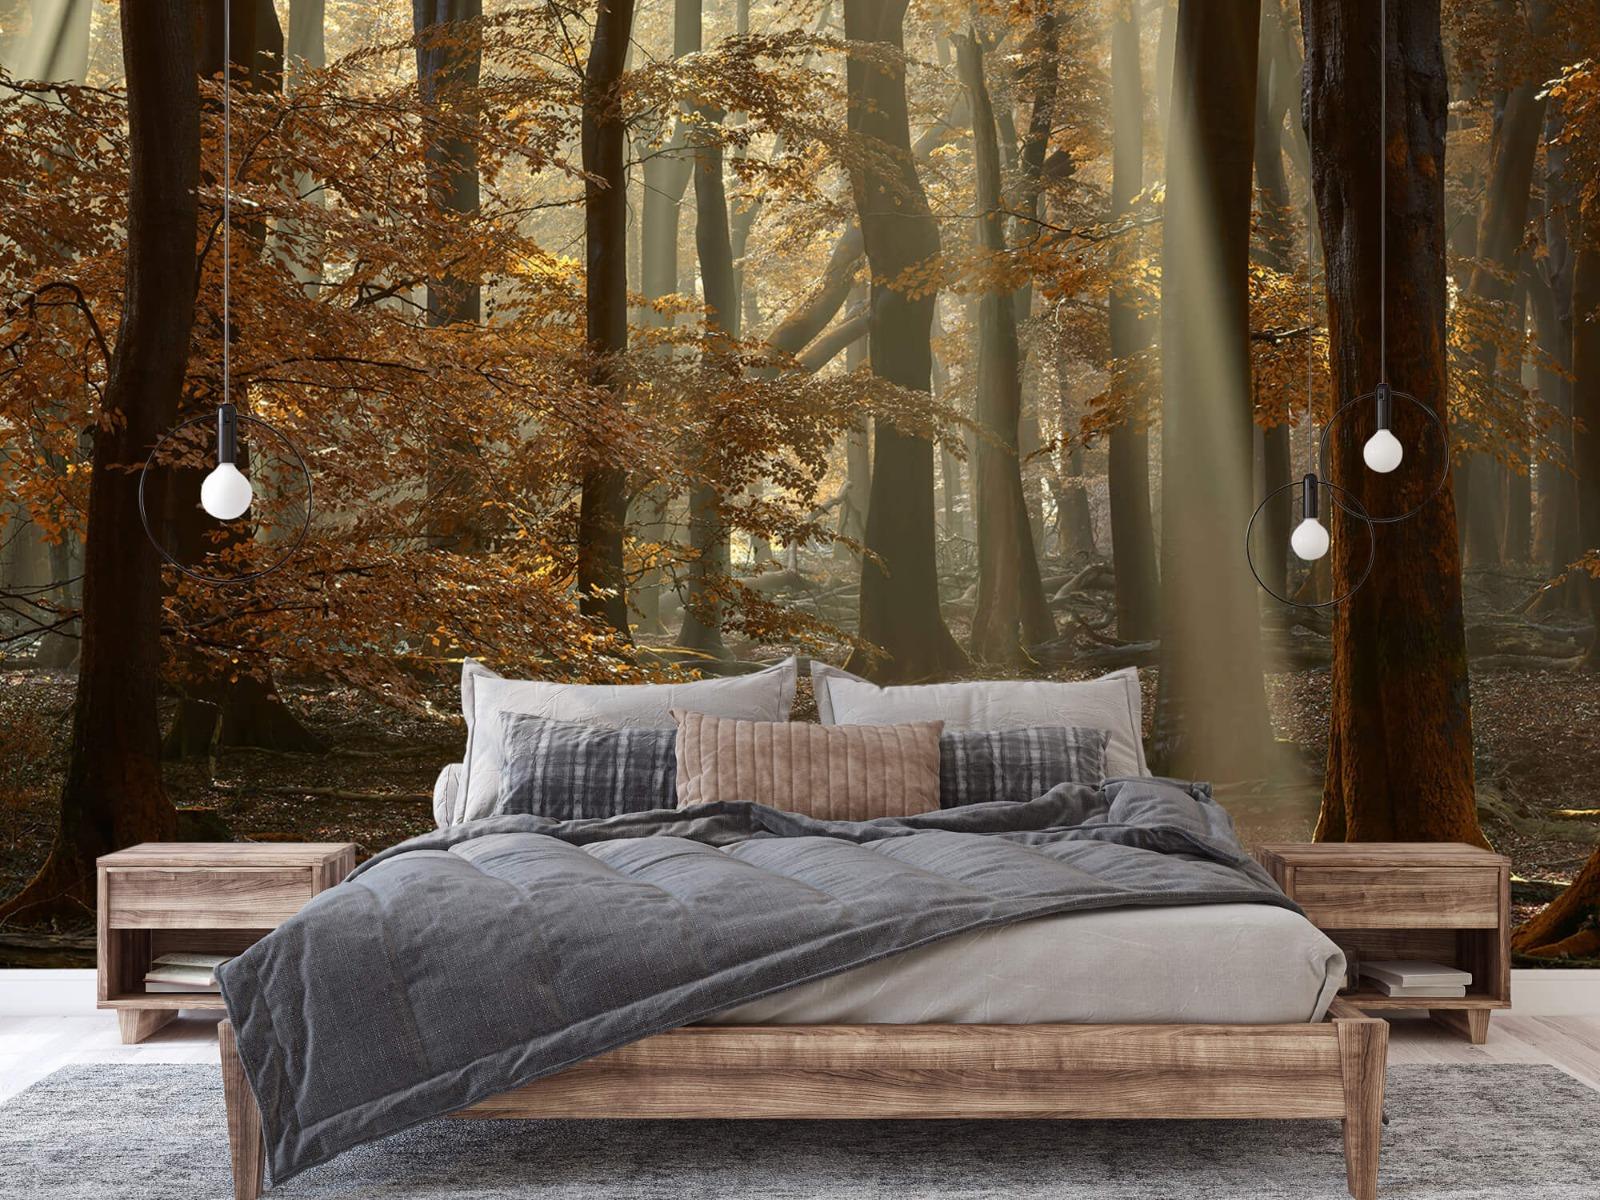 Bos behang - Herfstkleuren in het bos - Slaapkamer 5